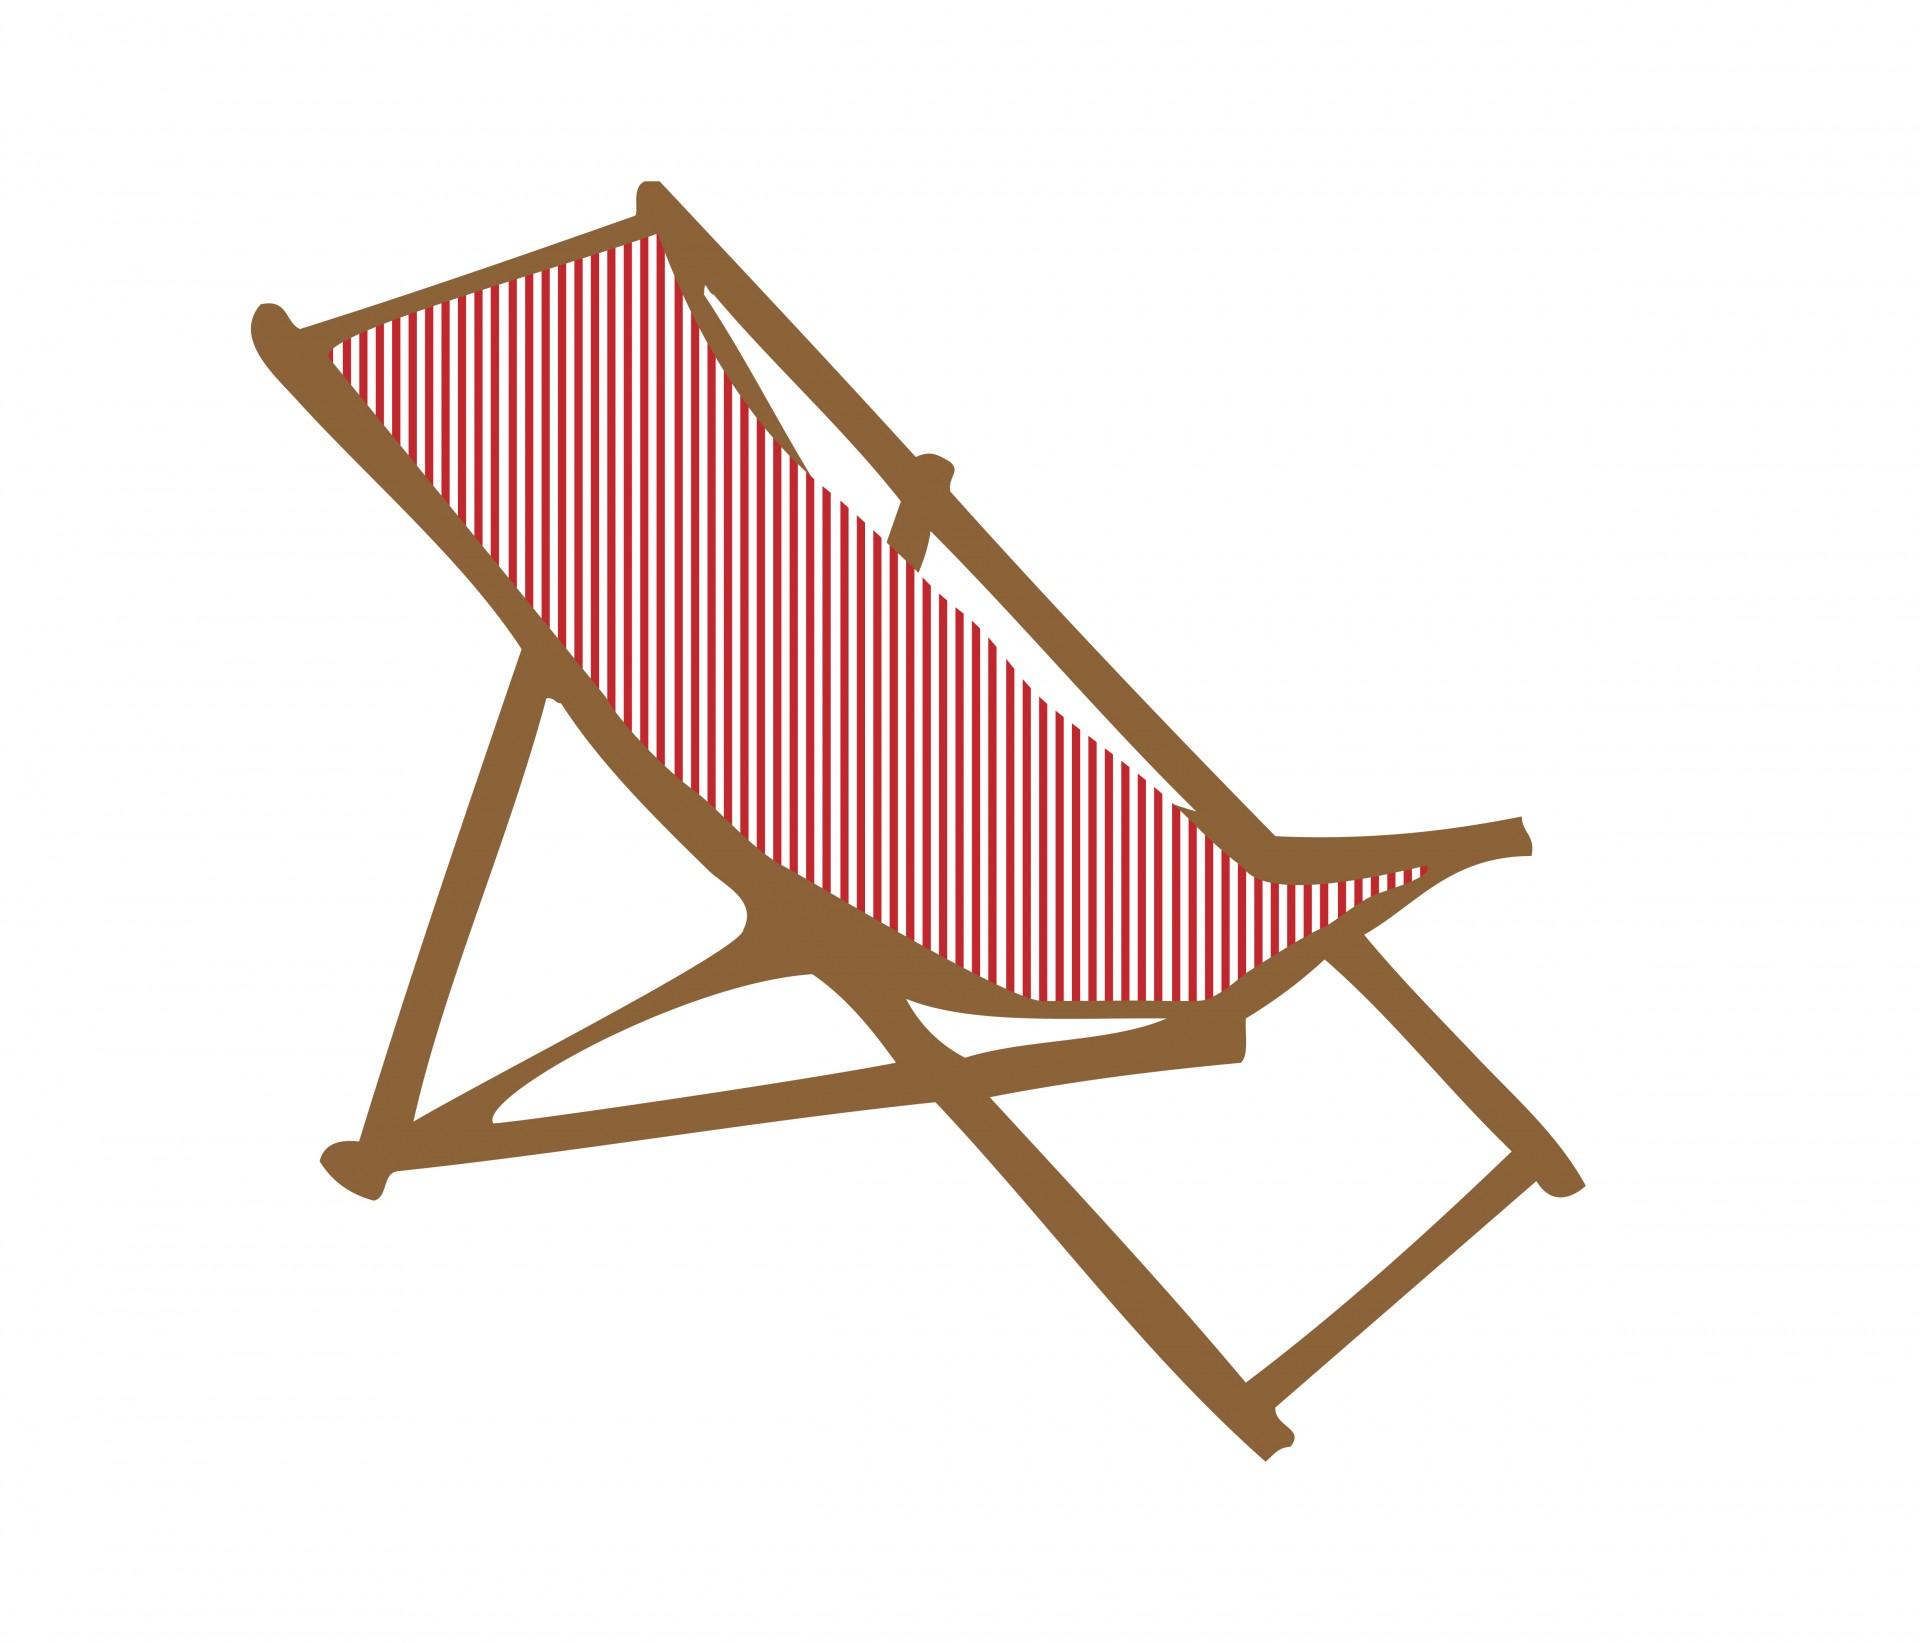 Chair clipart deck chair. Free stock photo public